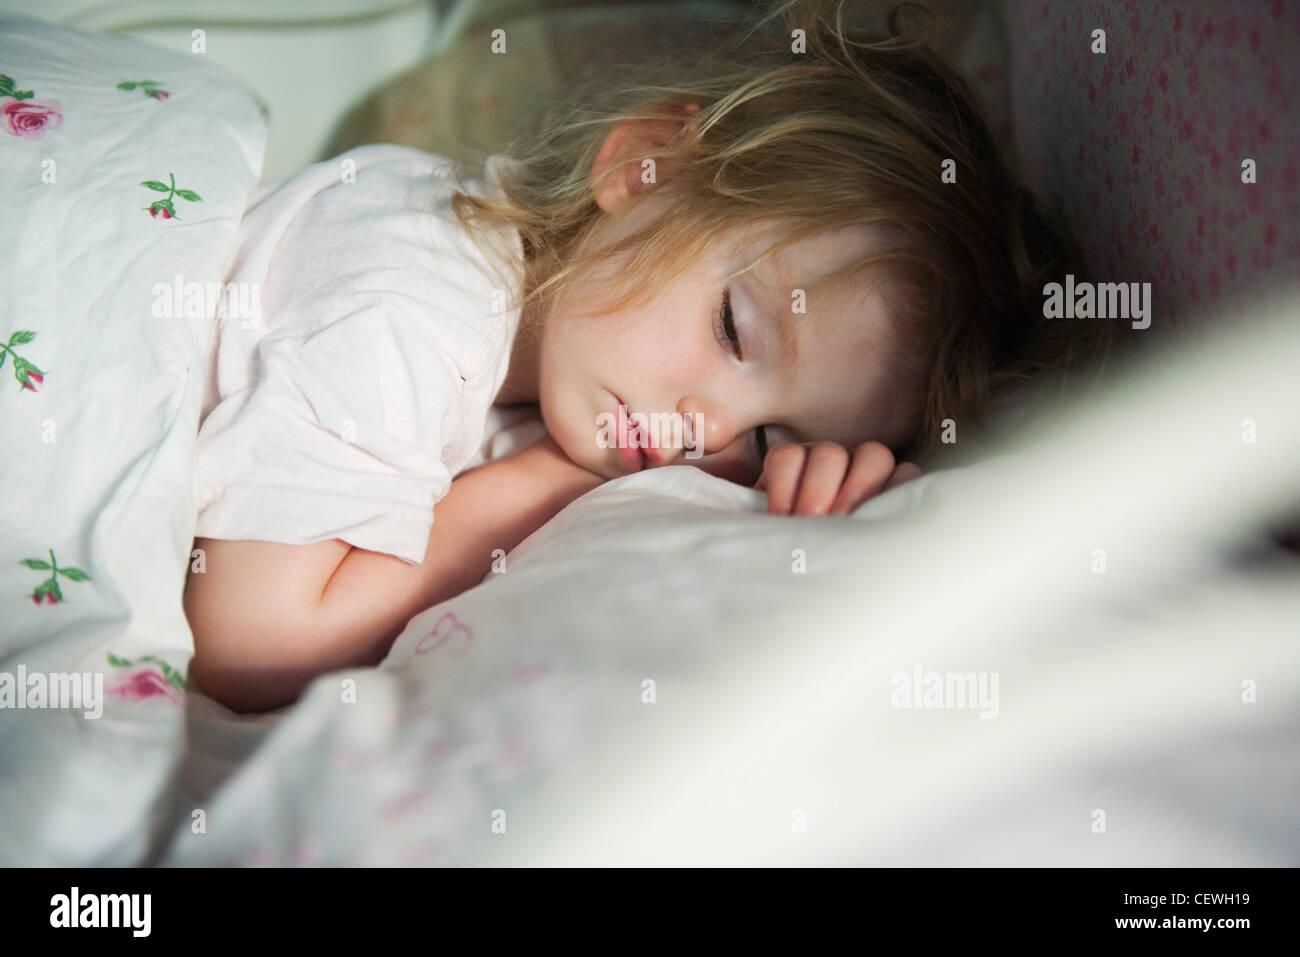 Niño durmiendo en la cama Imagen De Stock